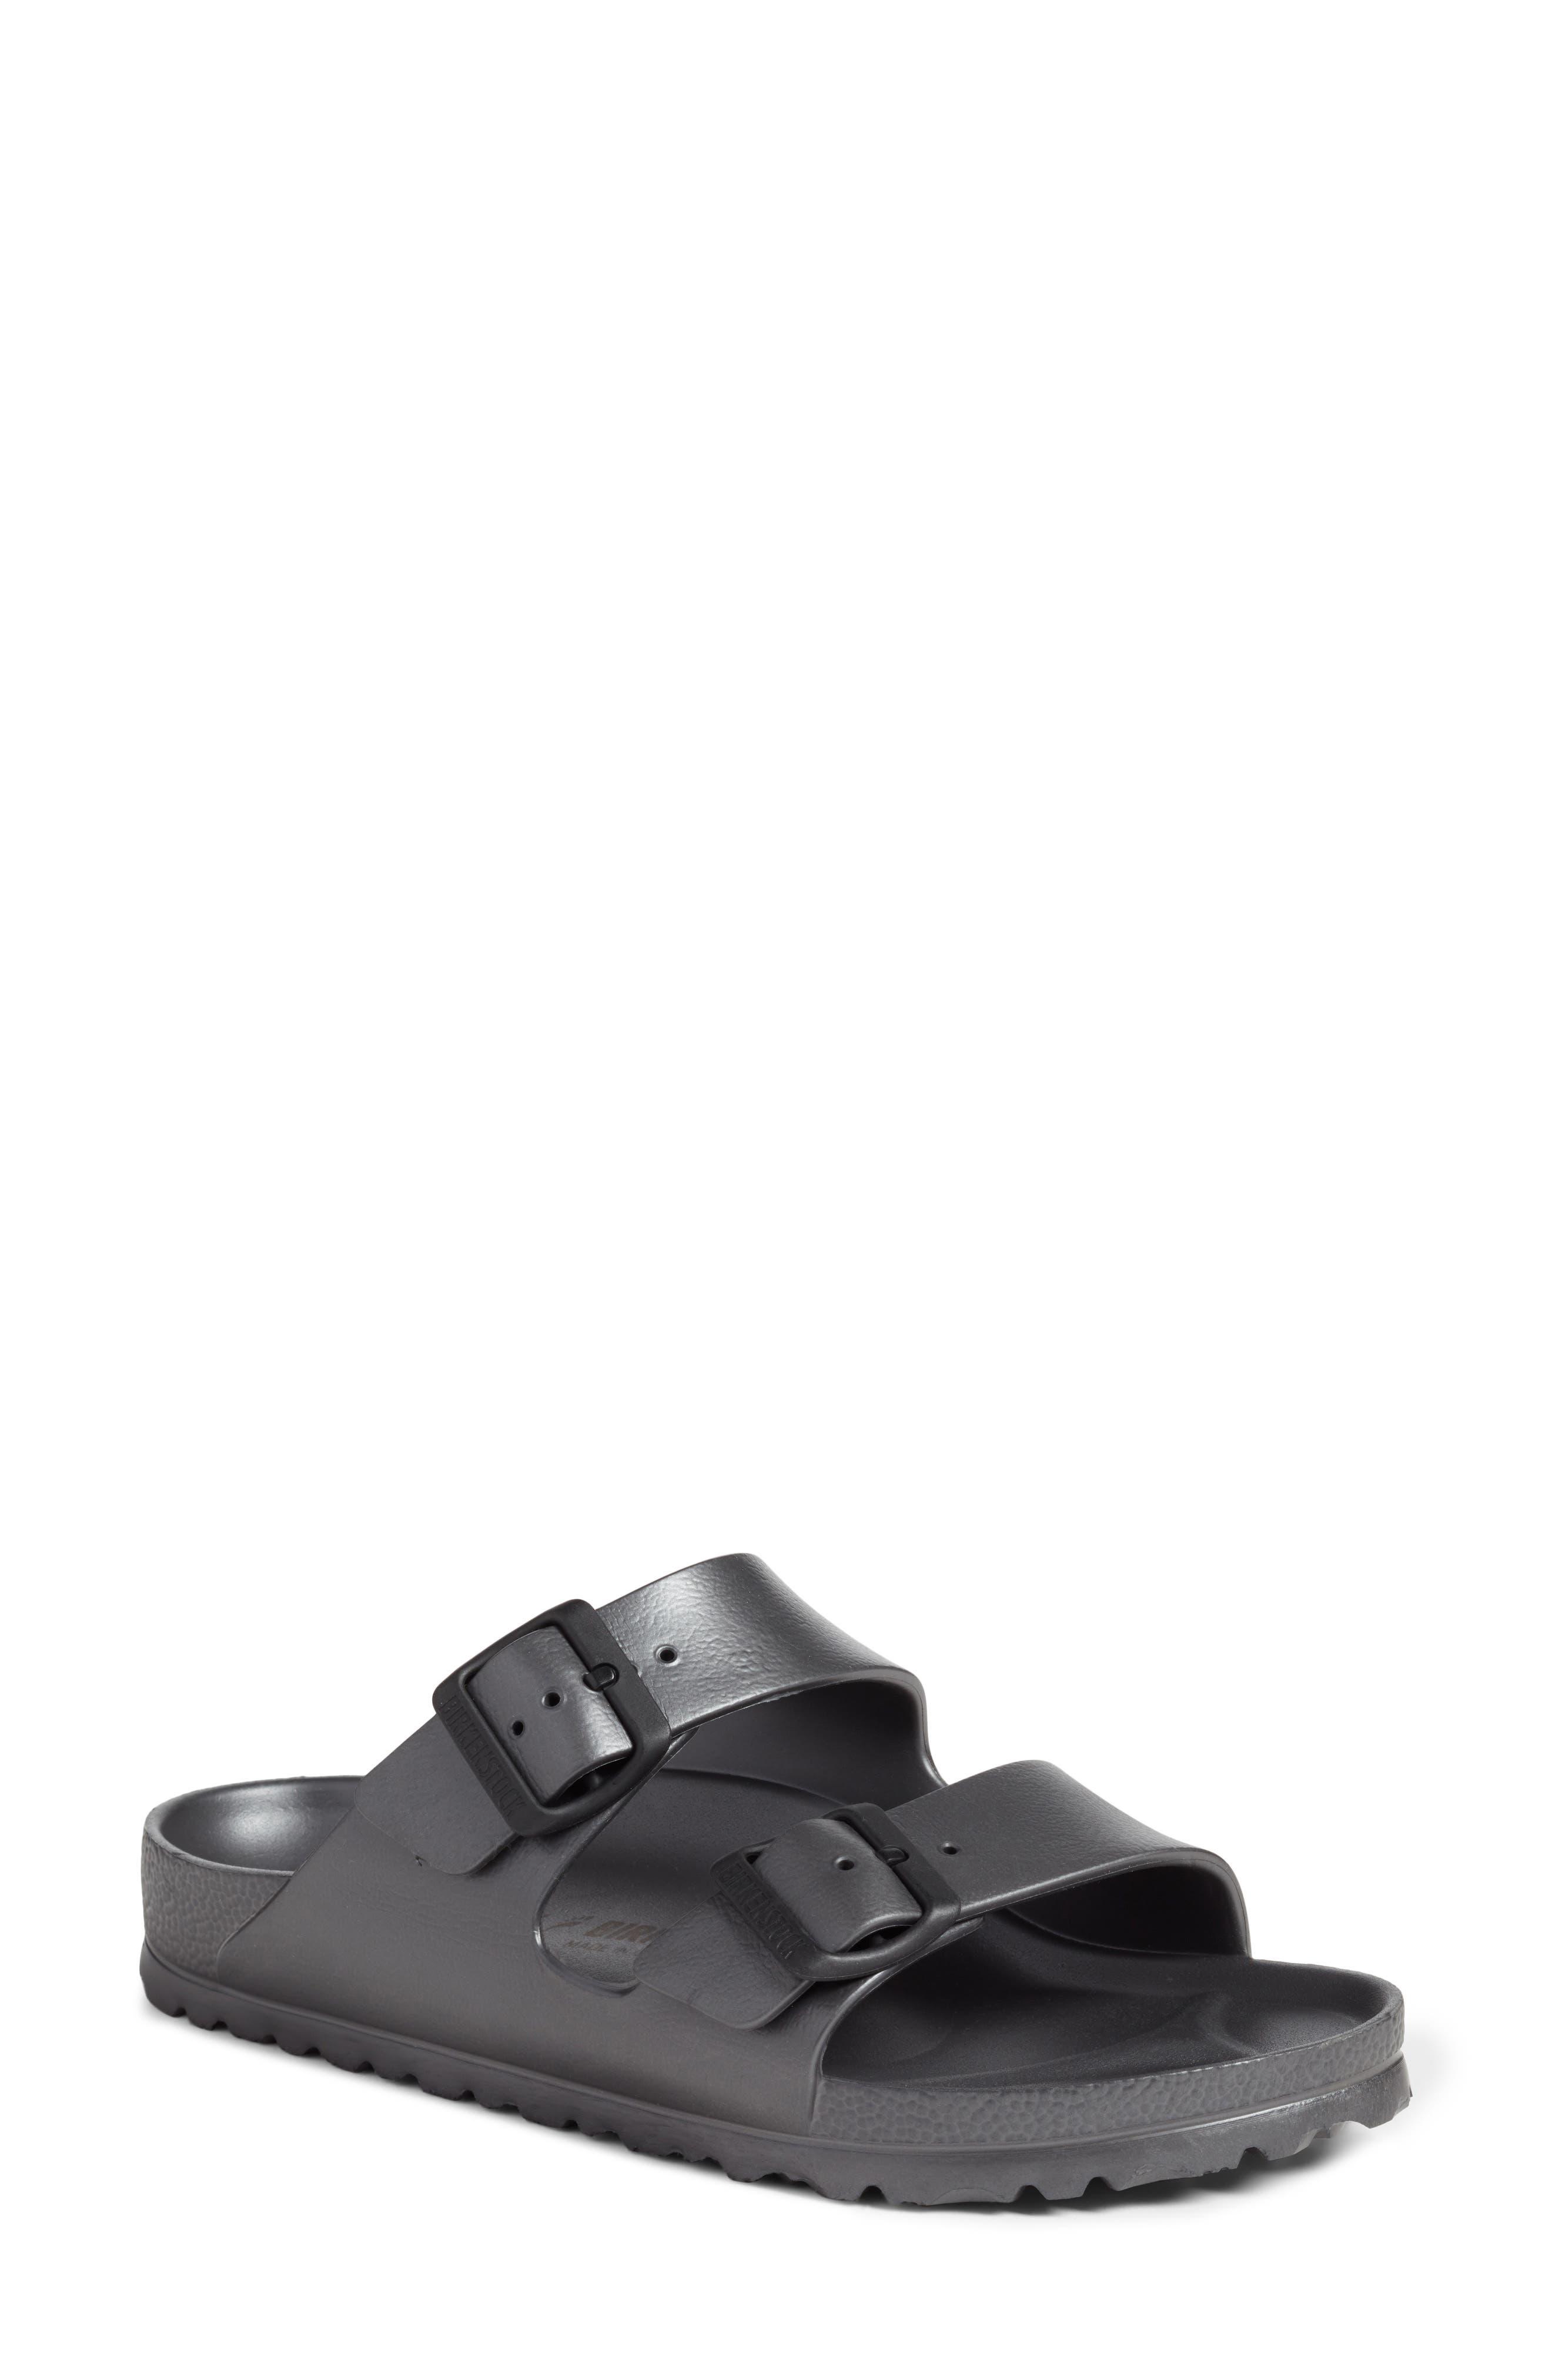 Essentials - Arizona Slide Sandal,                         Main,                         color, Metallic Anthracite